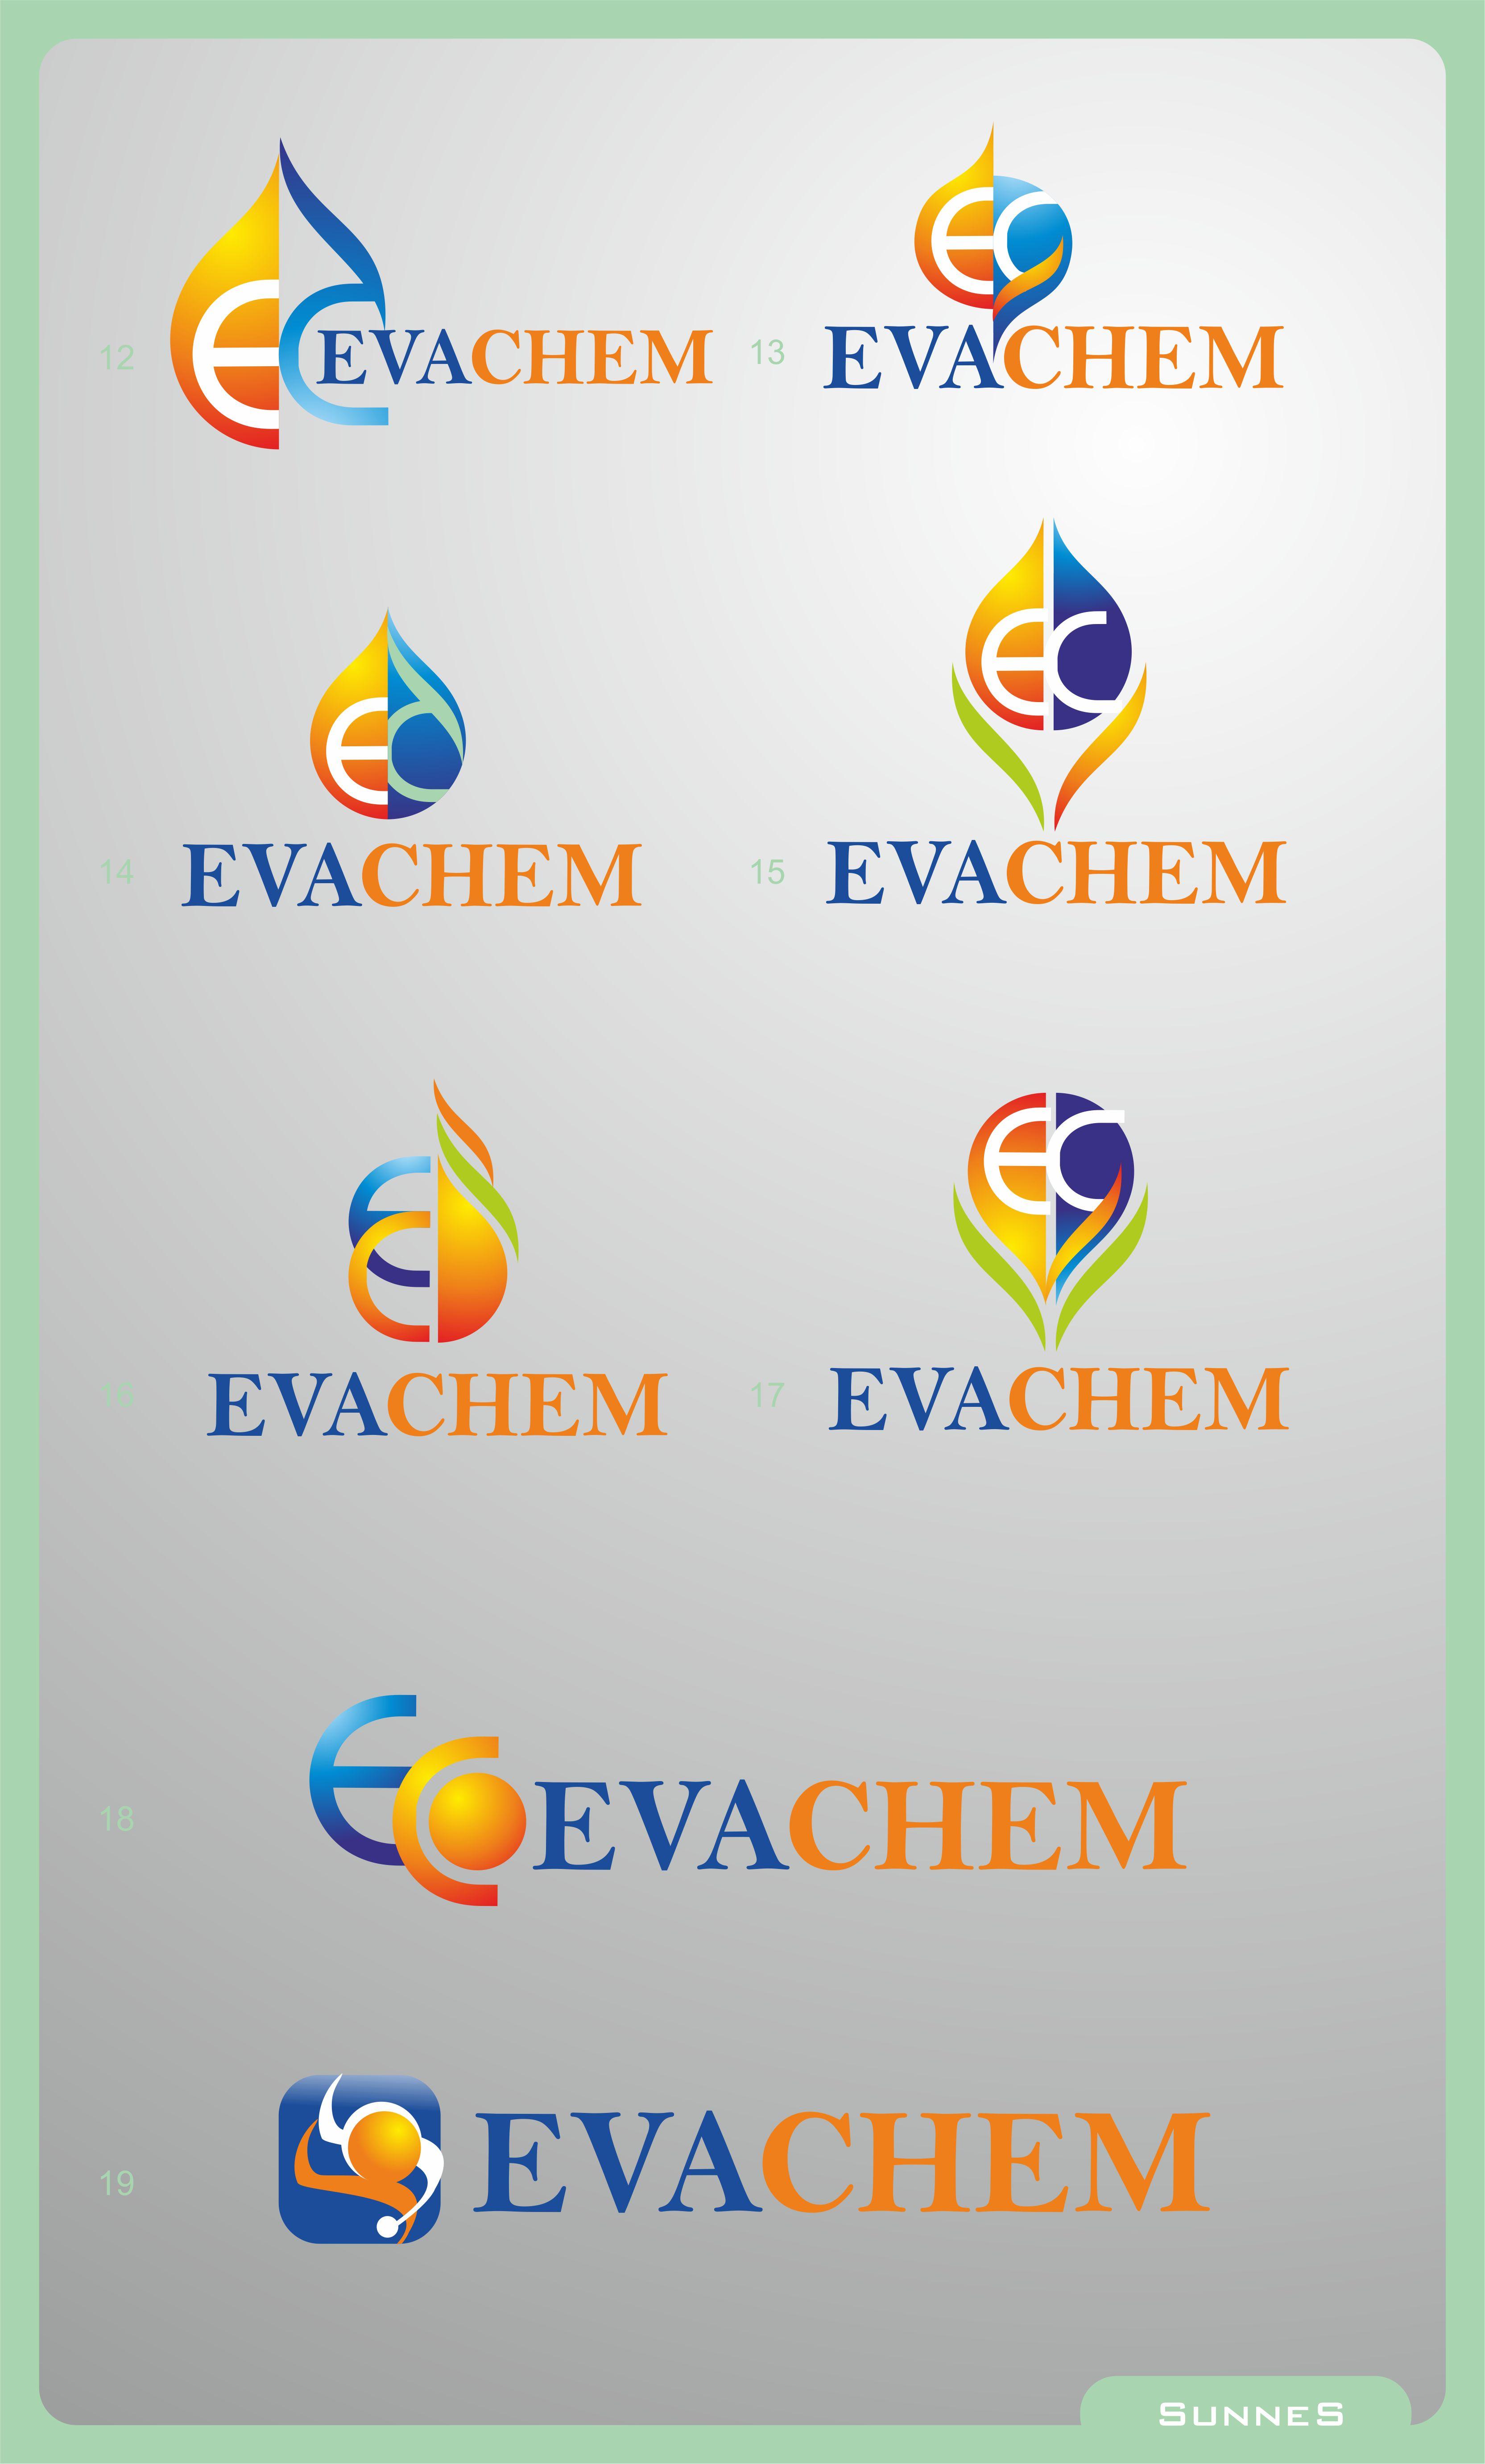 Разработка логотипа и фирменного стиля компании фото f_2355720e6eea732c.jpg